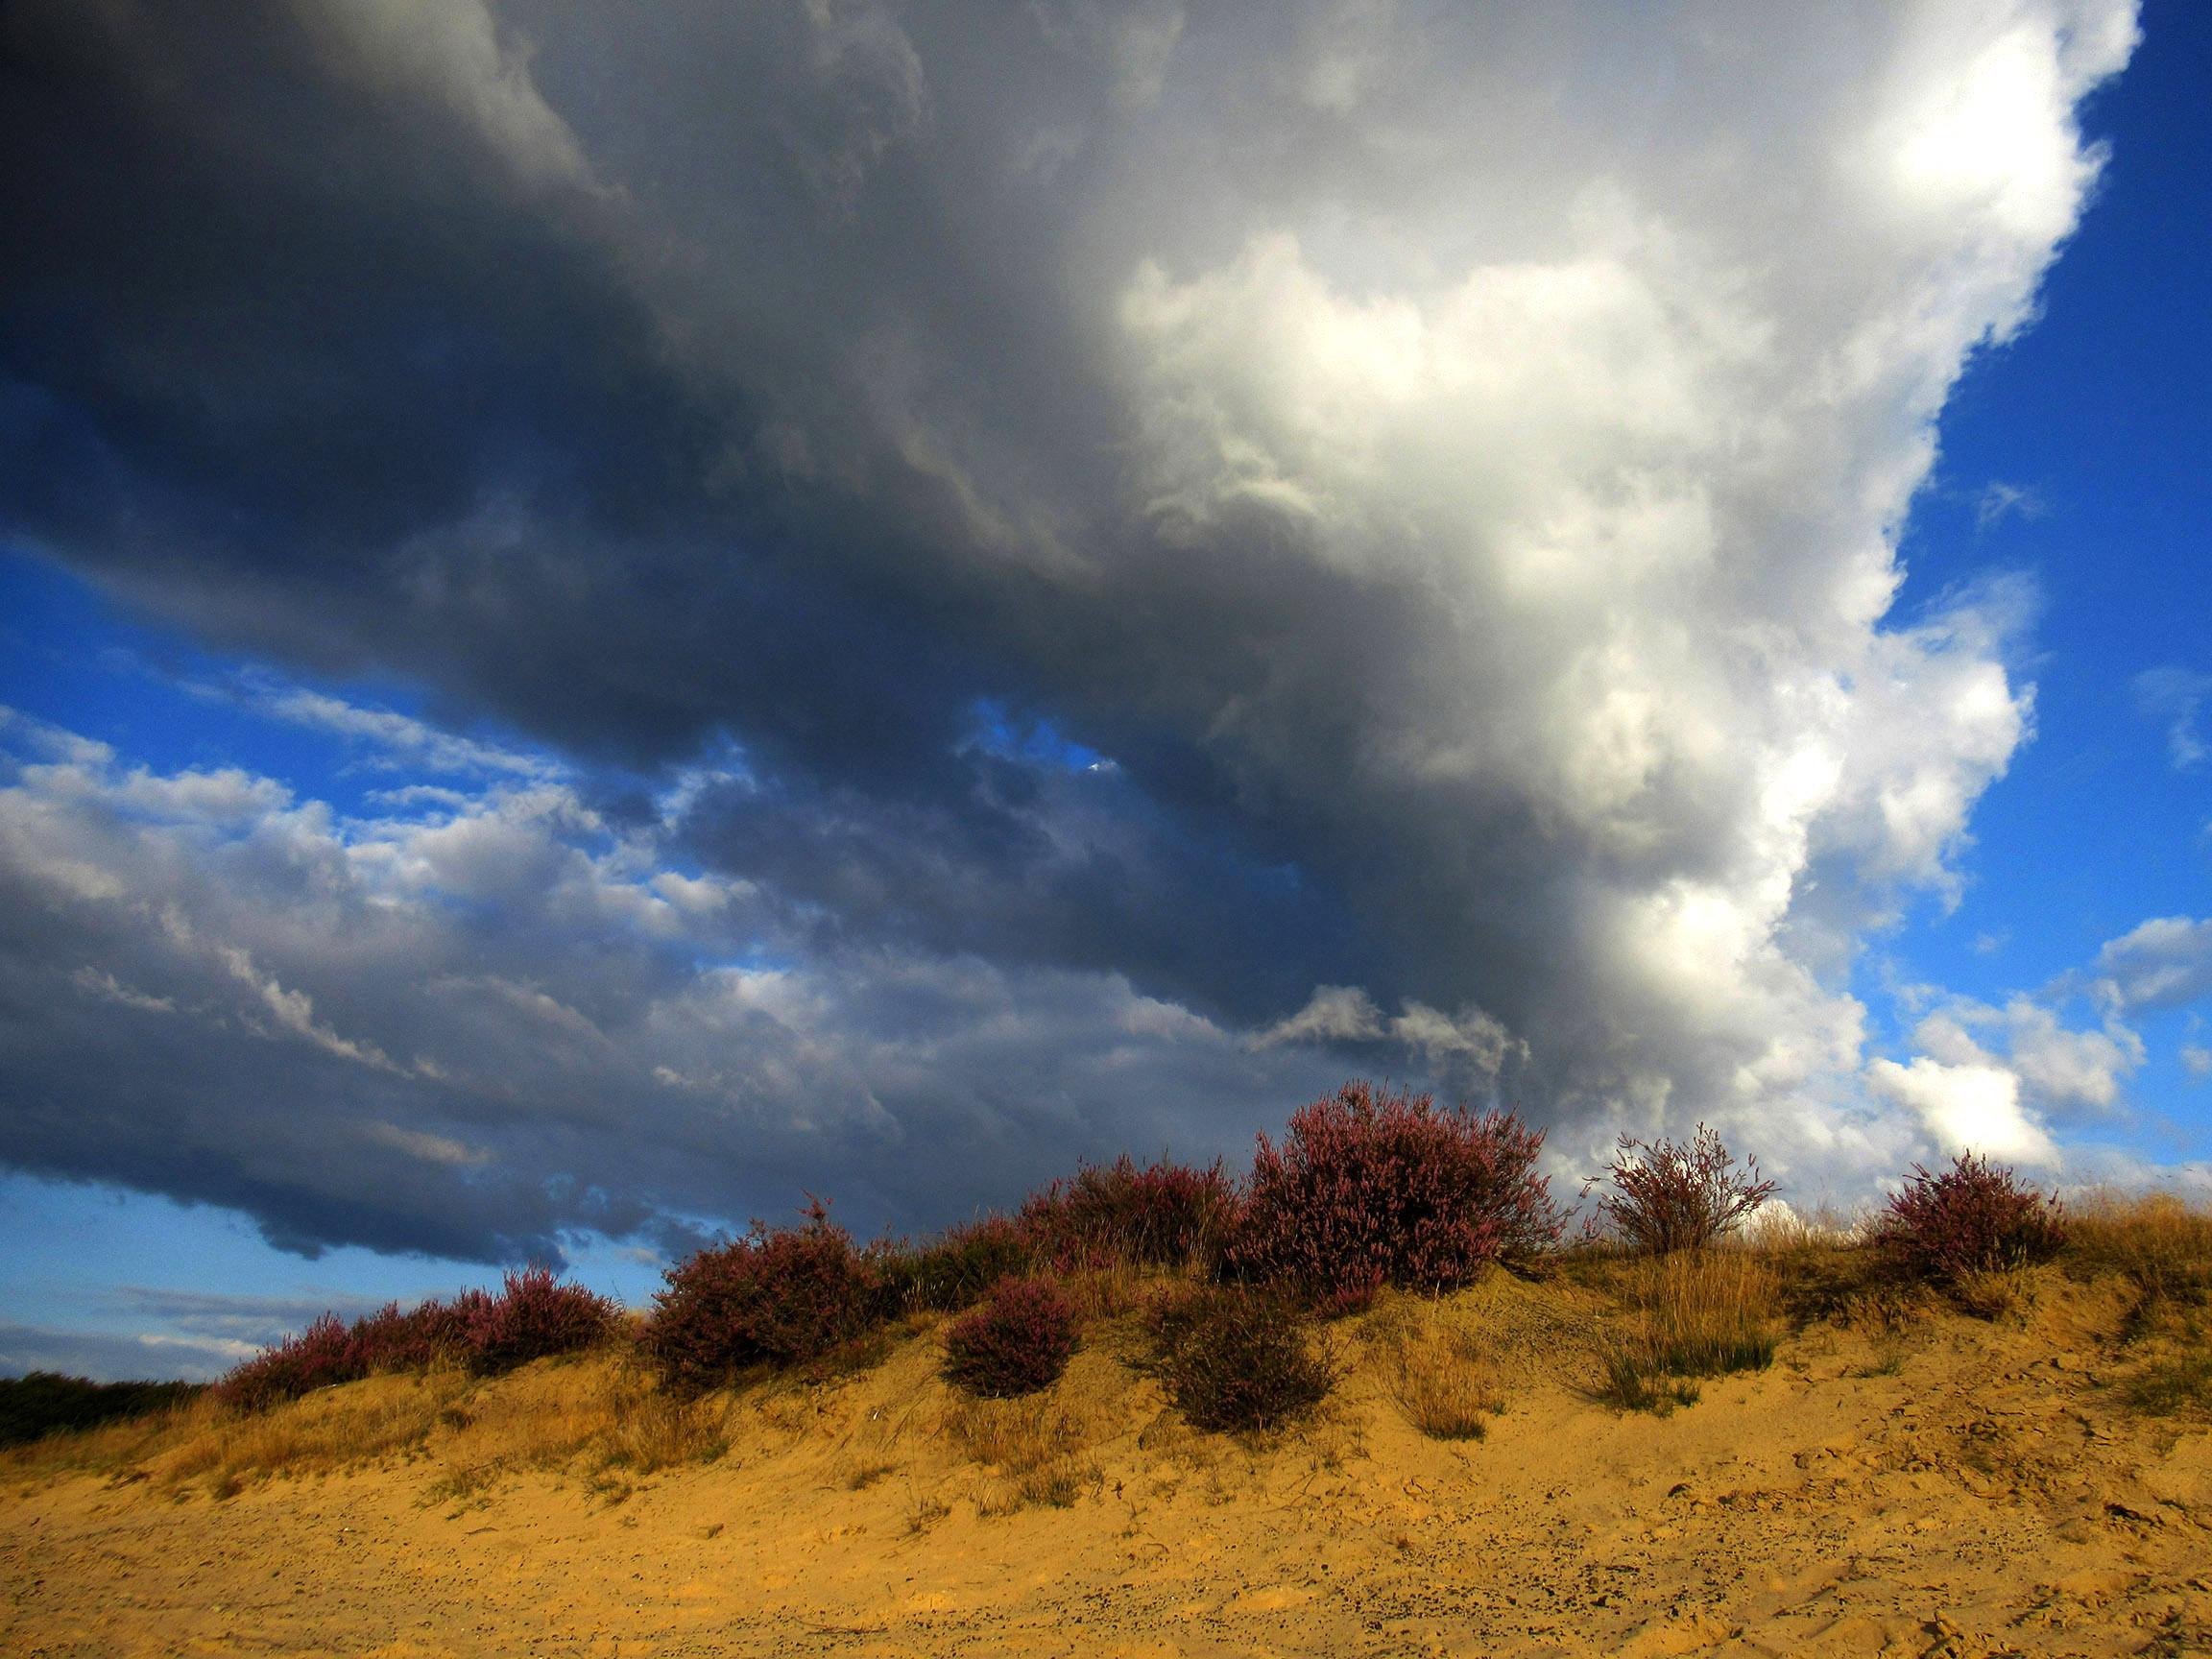 Bloeiende heide op een zandheuvel, met een prachtige wolkenlucht als decor! - Foto: ©Louis Fraanje